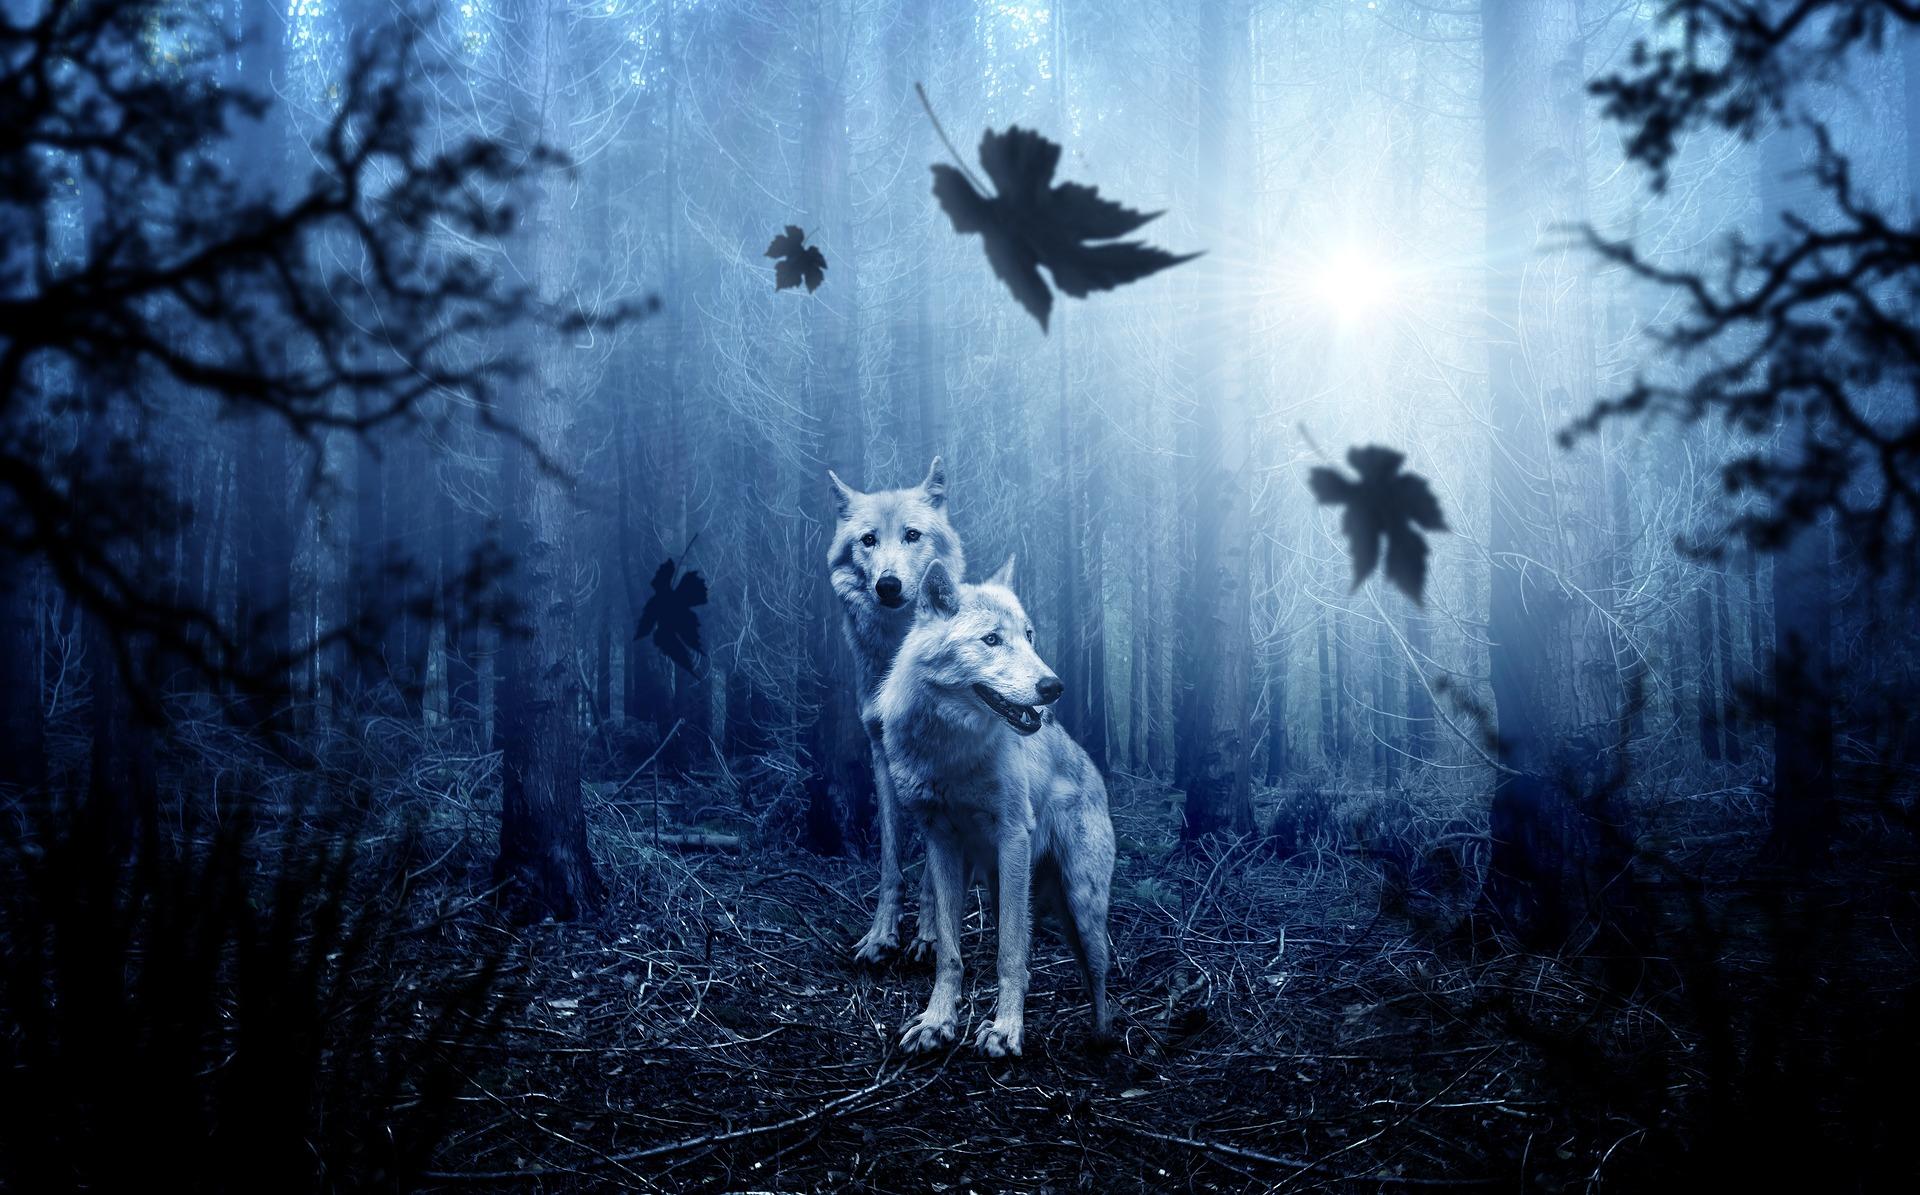 zwei Wölfe im Wald